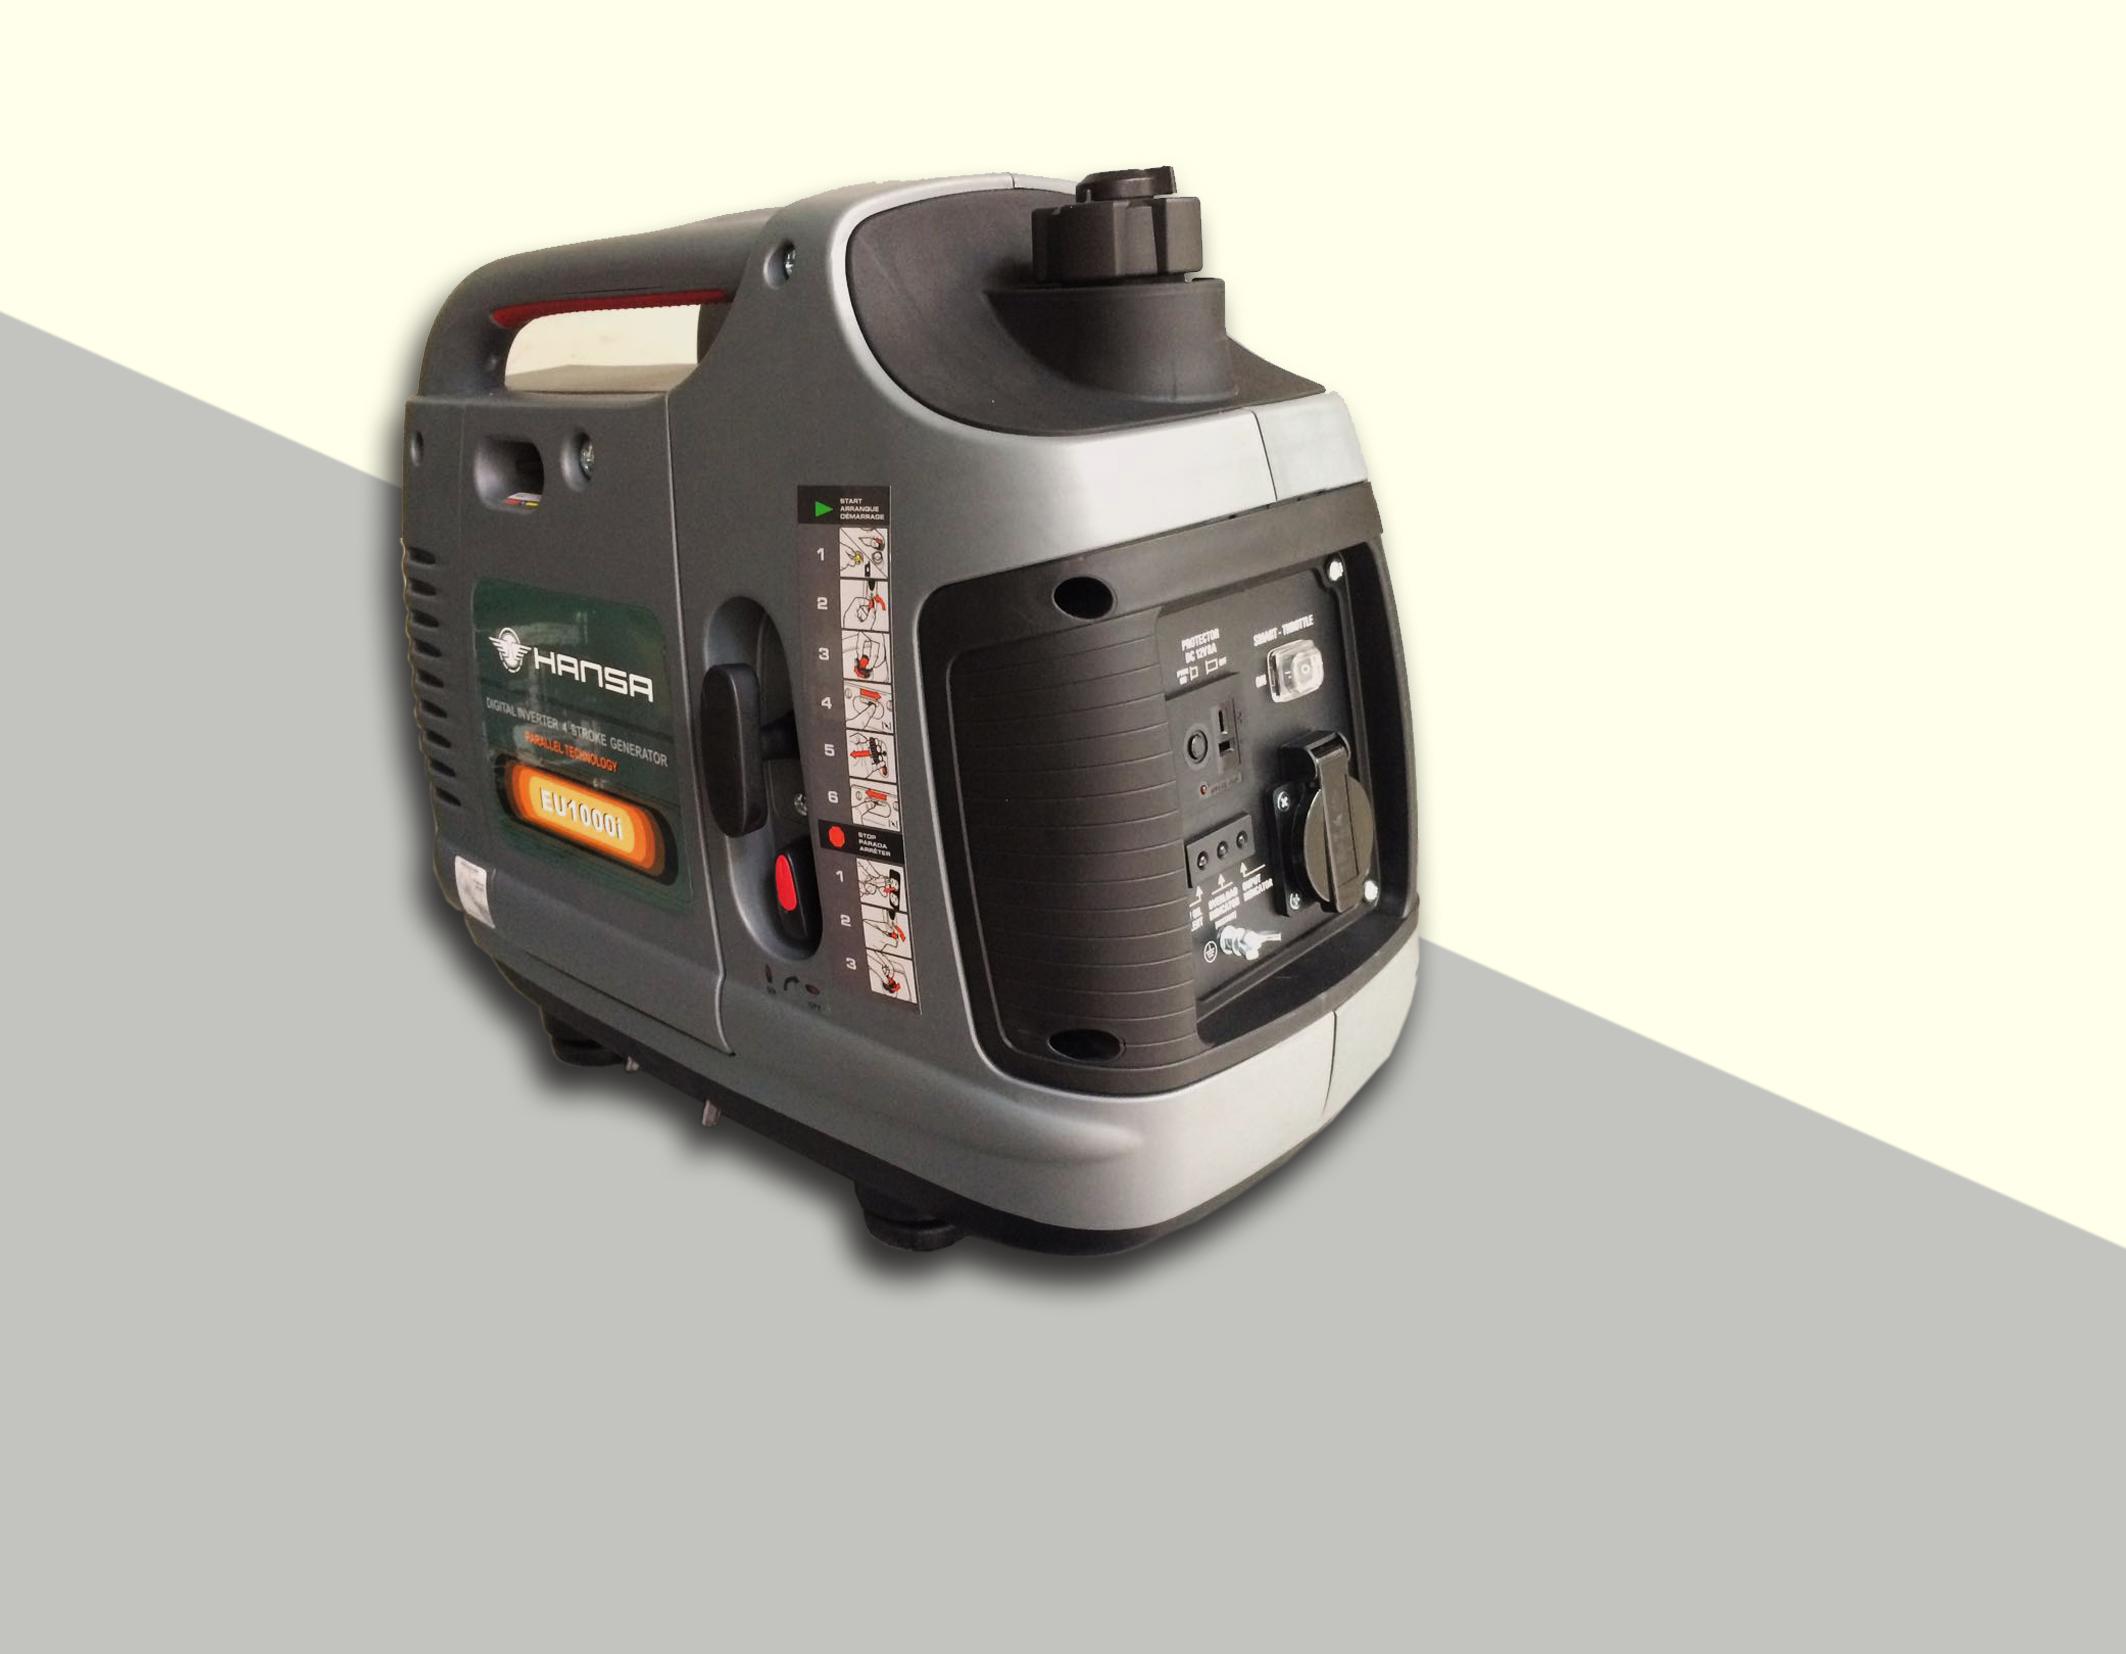 中国人民解放军66077部队 采购汉萨小型便携式数码机:EU1000I